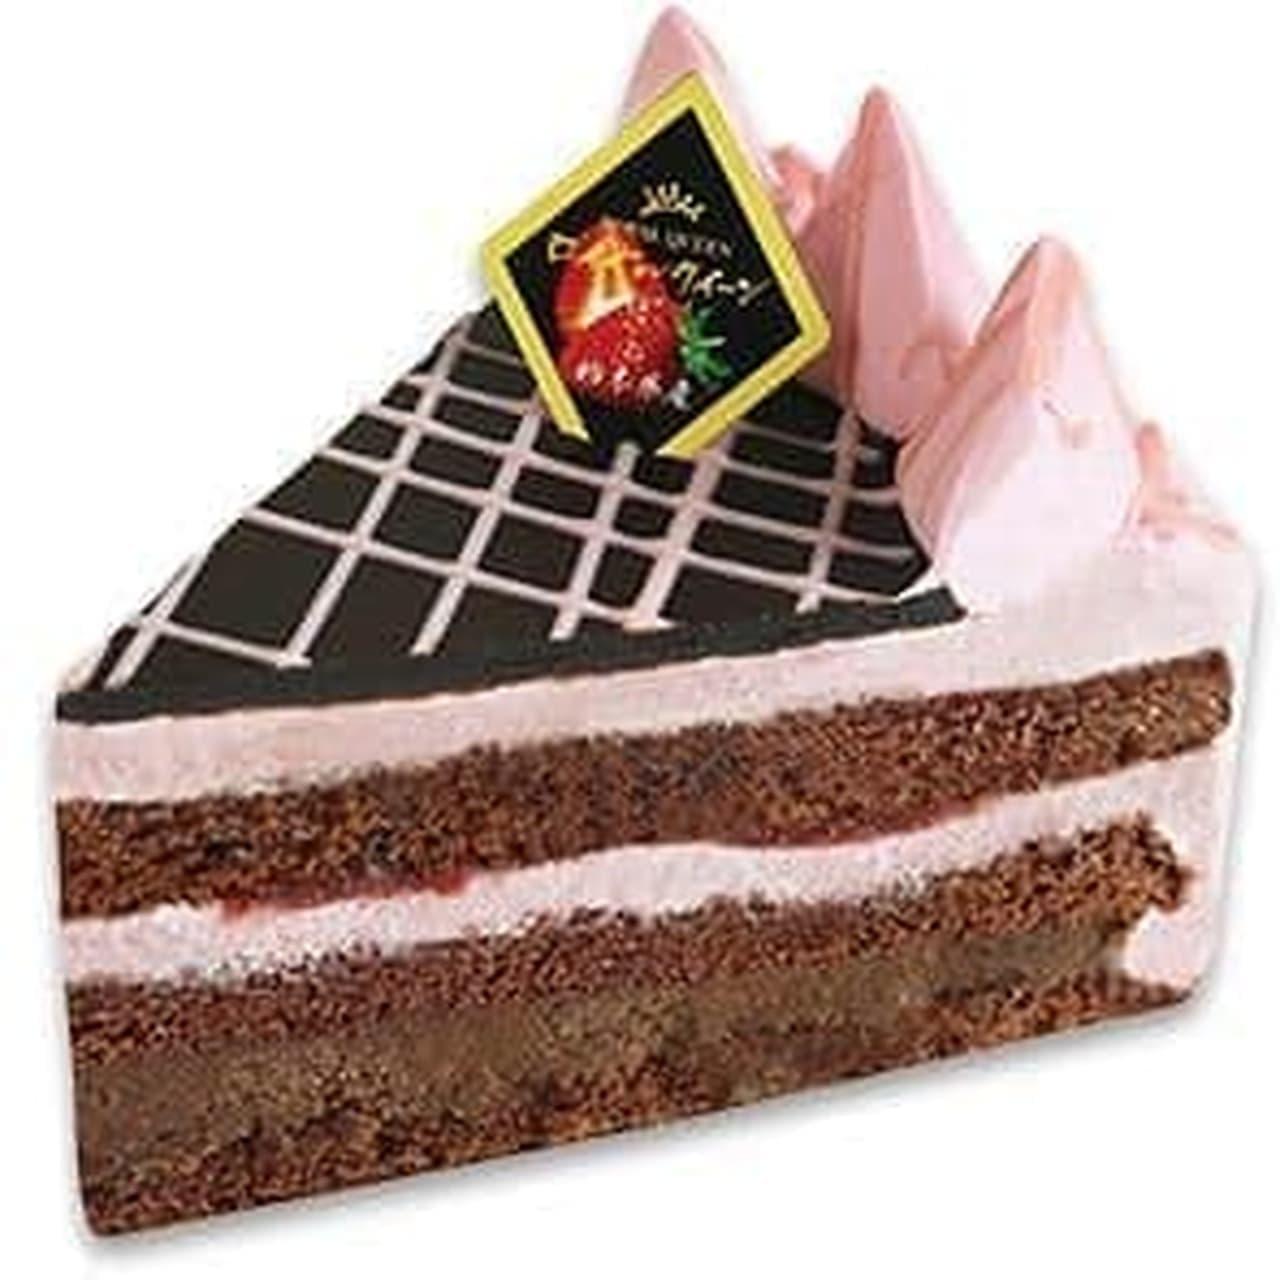 不二家洋菓子店「栃木県産ロイヤルクイーンのザクザクチョコケーキ」